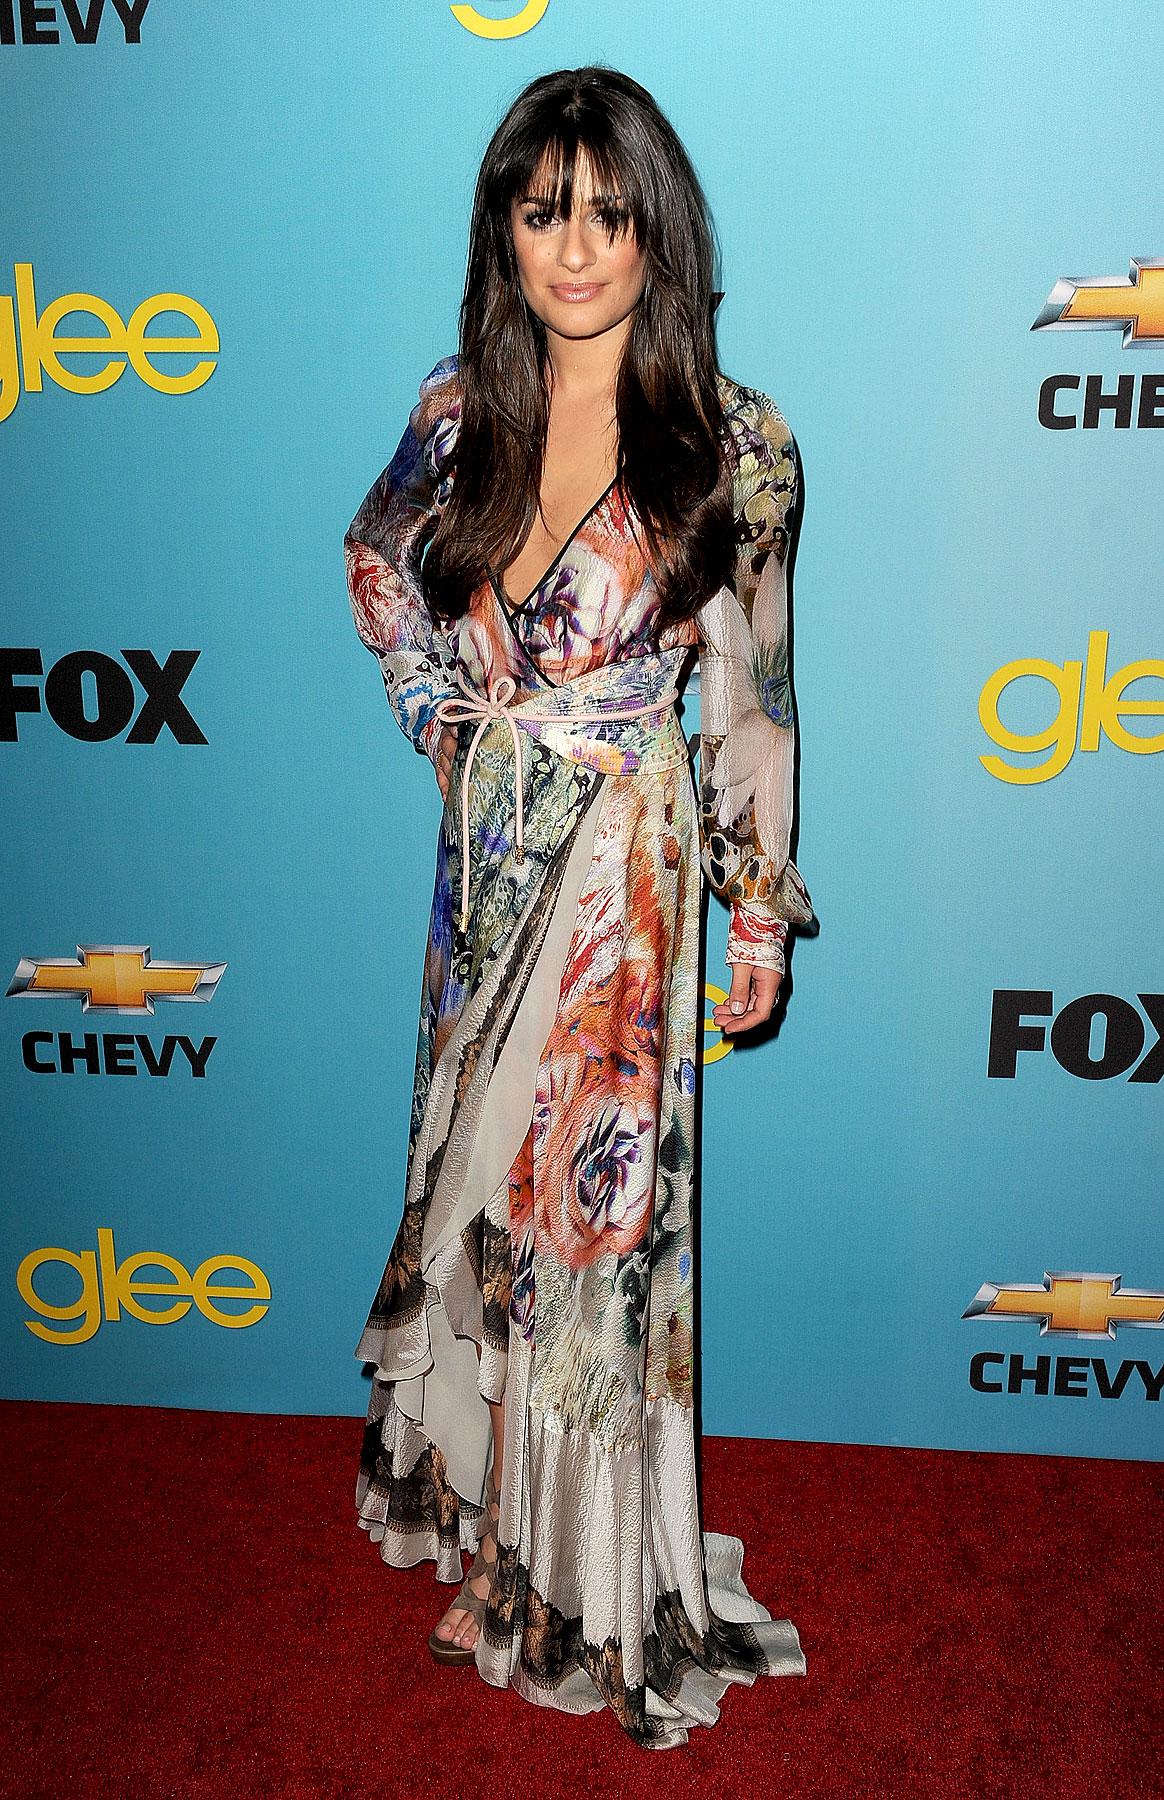 Fashion FTW: Lea Michele Looks Exotically Boho Amazing (PHOTOS)